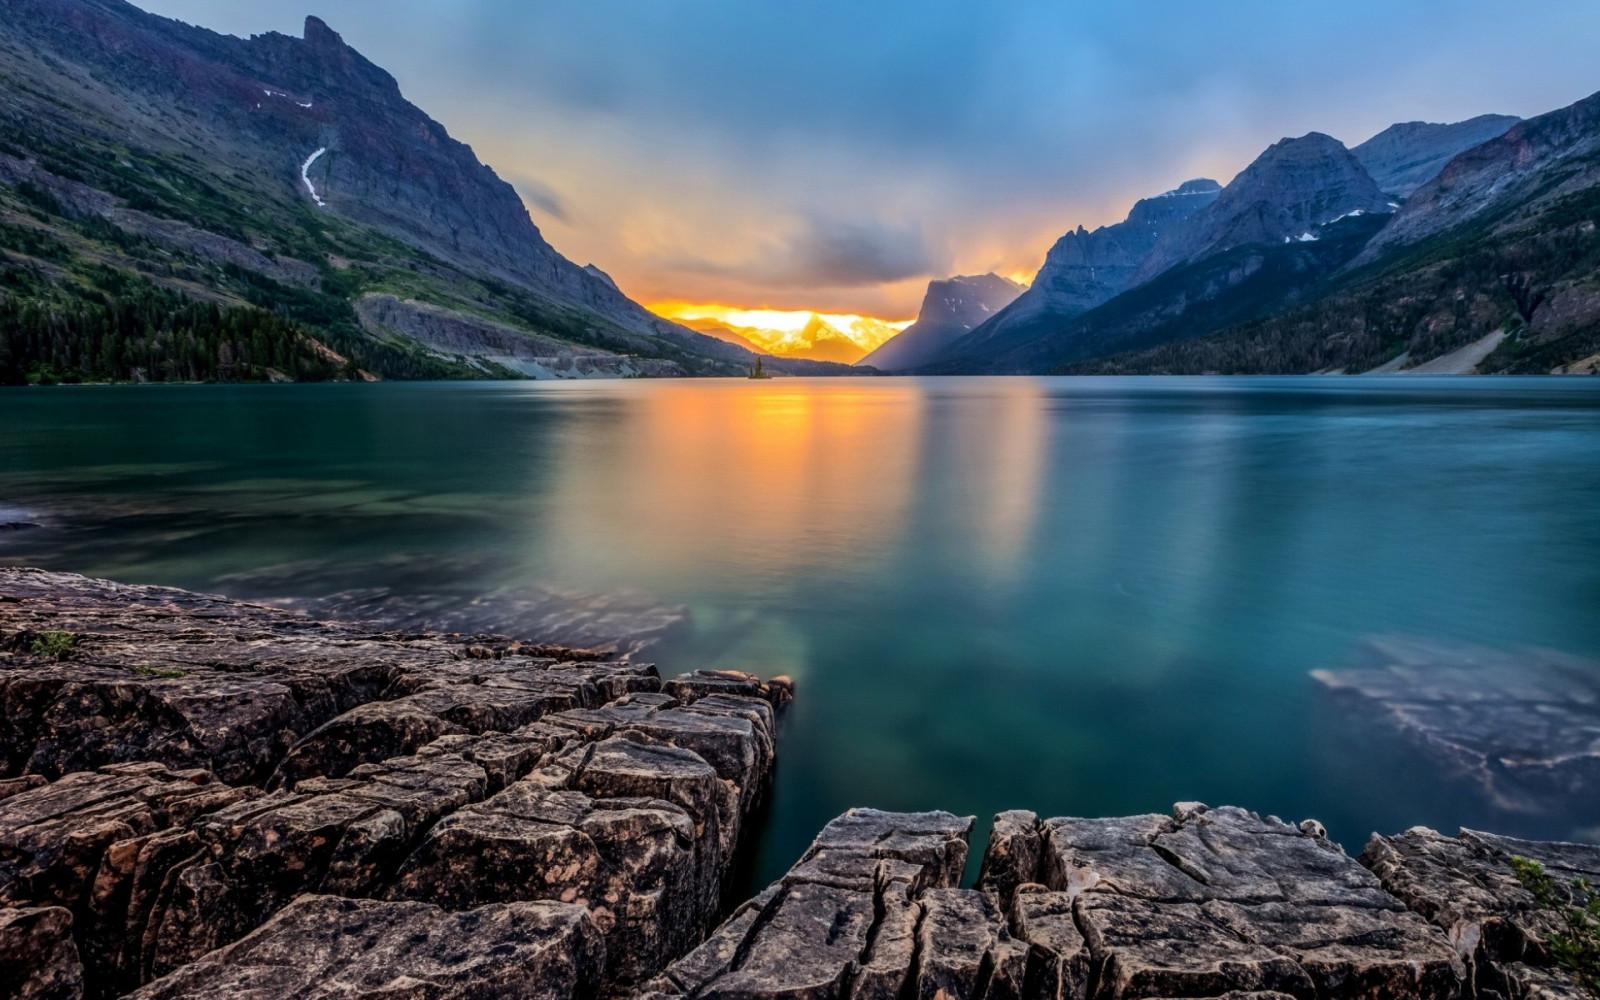 1920x1200 px calma lago panorama Montana montanha natureza reflexão Rocha formação rochosa Lago Saint Mary Pôr do sol EUA